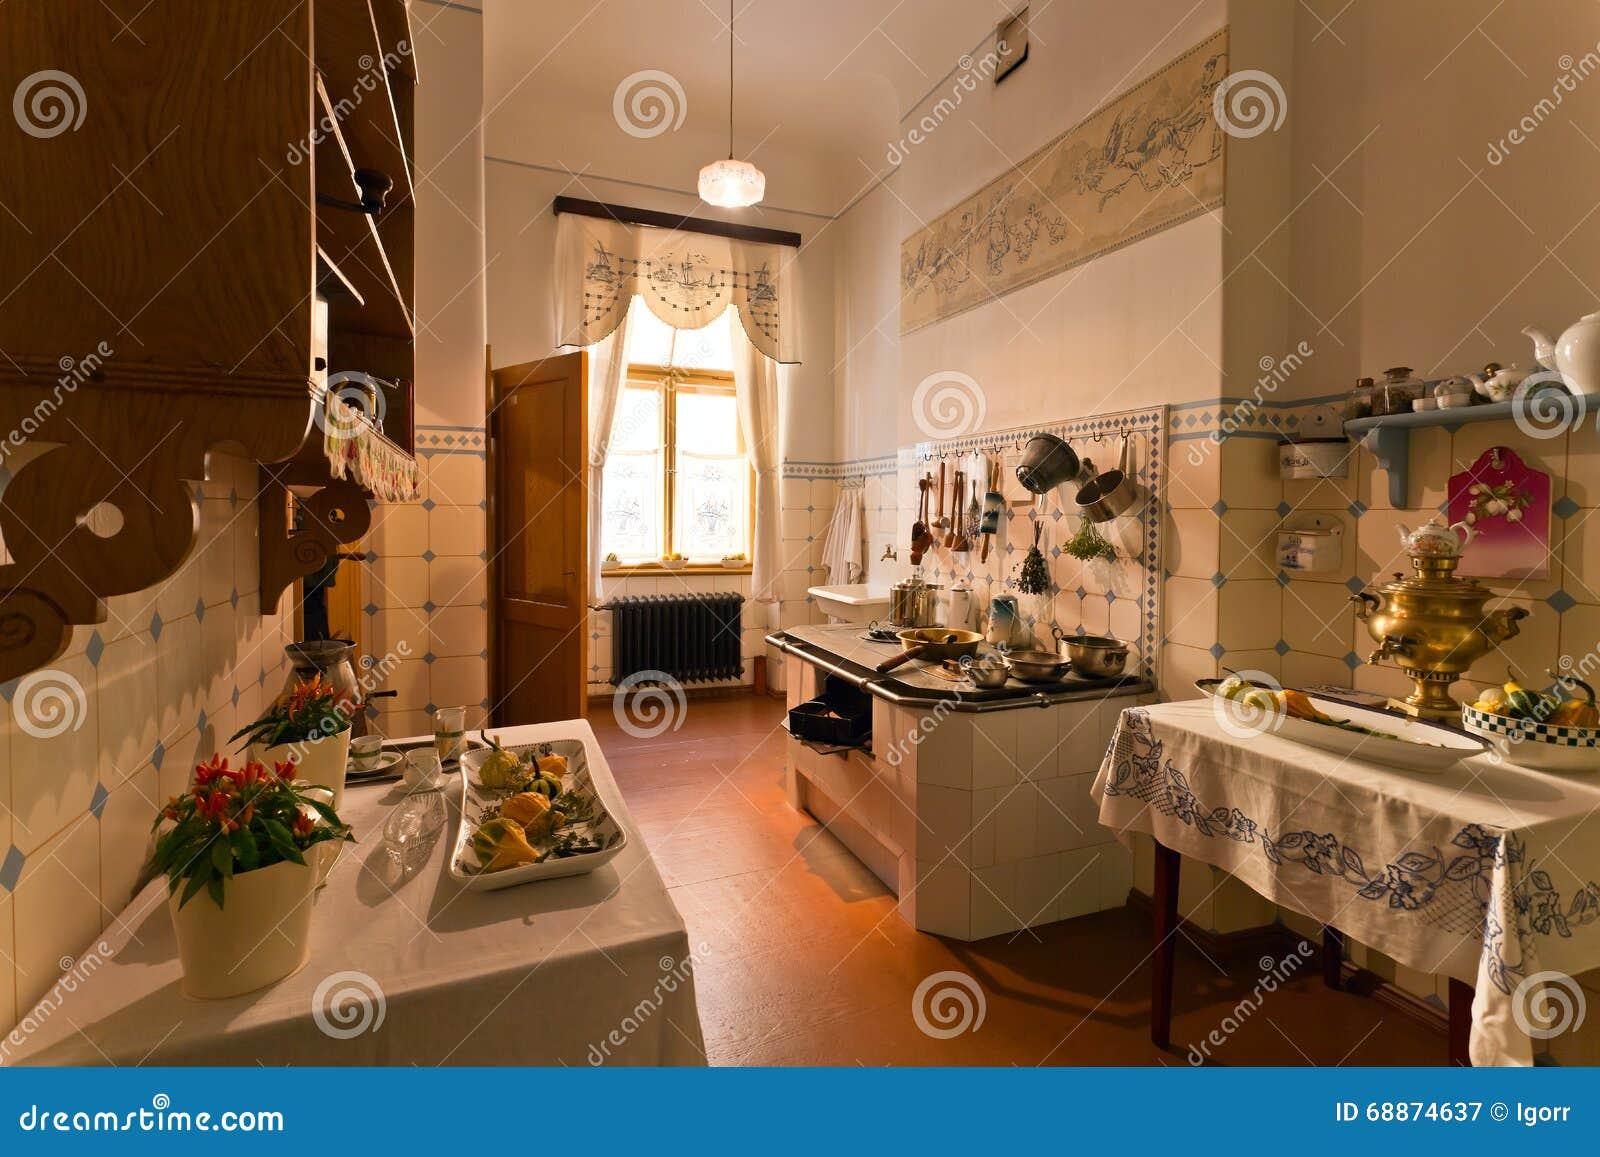 Cuisine dans une maison de rapport de 19 me si cle image for Interieur 19eme siecle